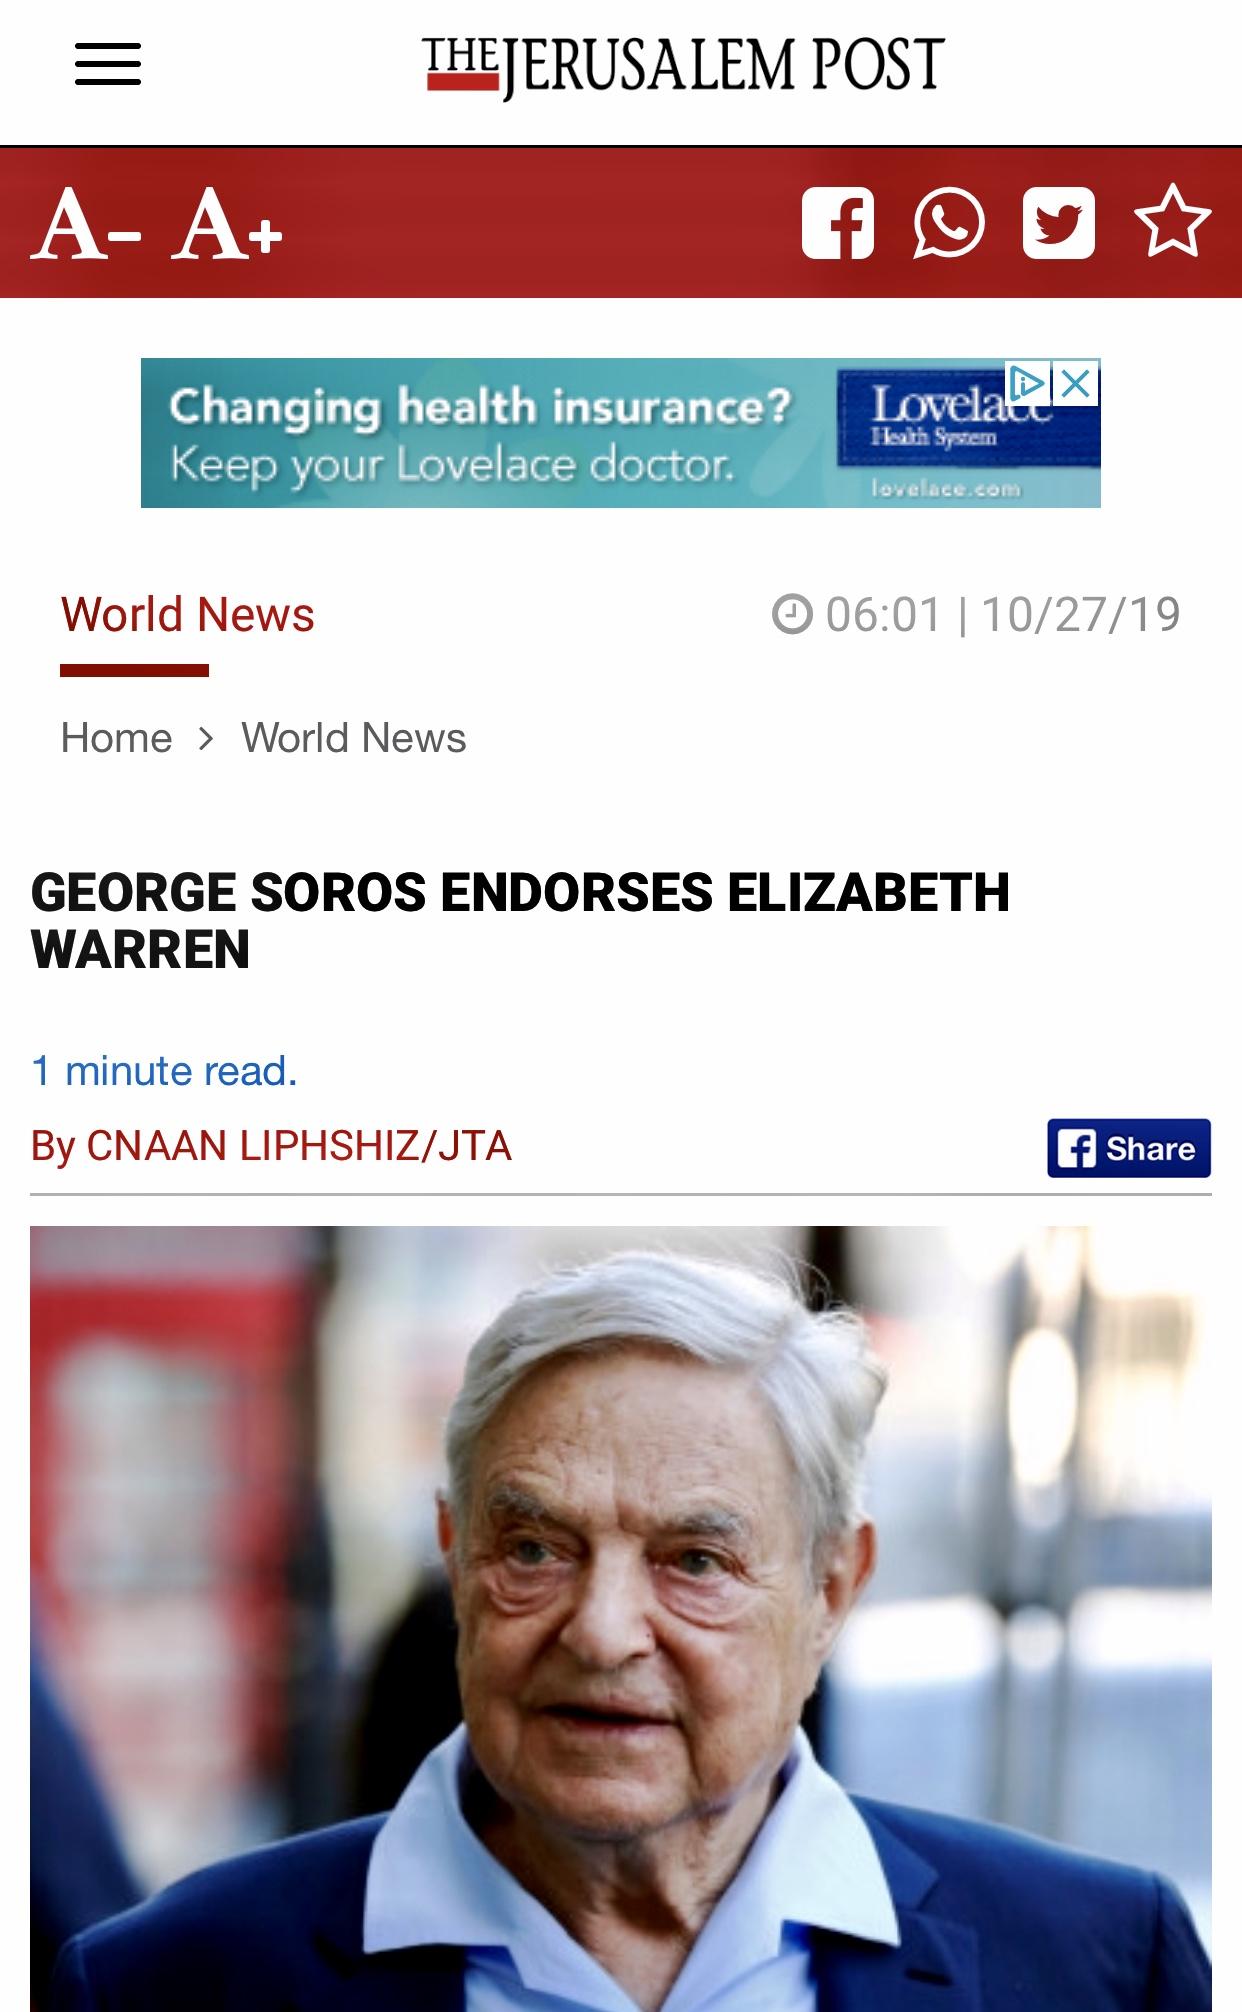 Soros Endorses Elizabeth Warren